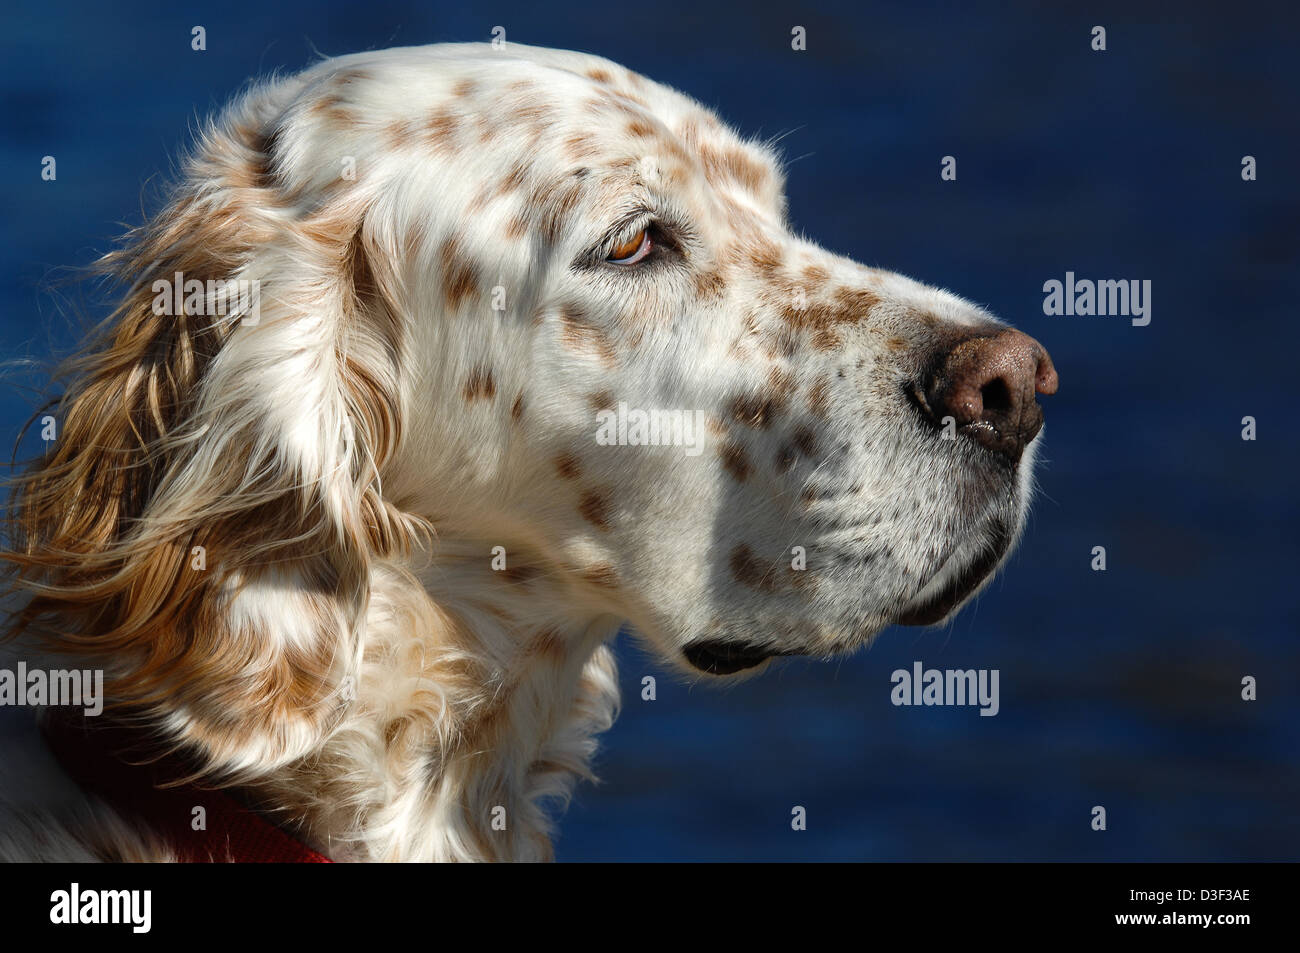 English setter dog profile - Stock Image